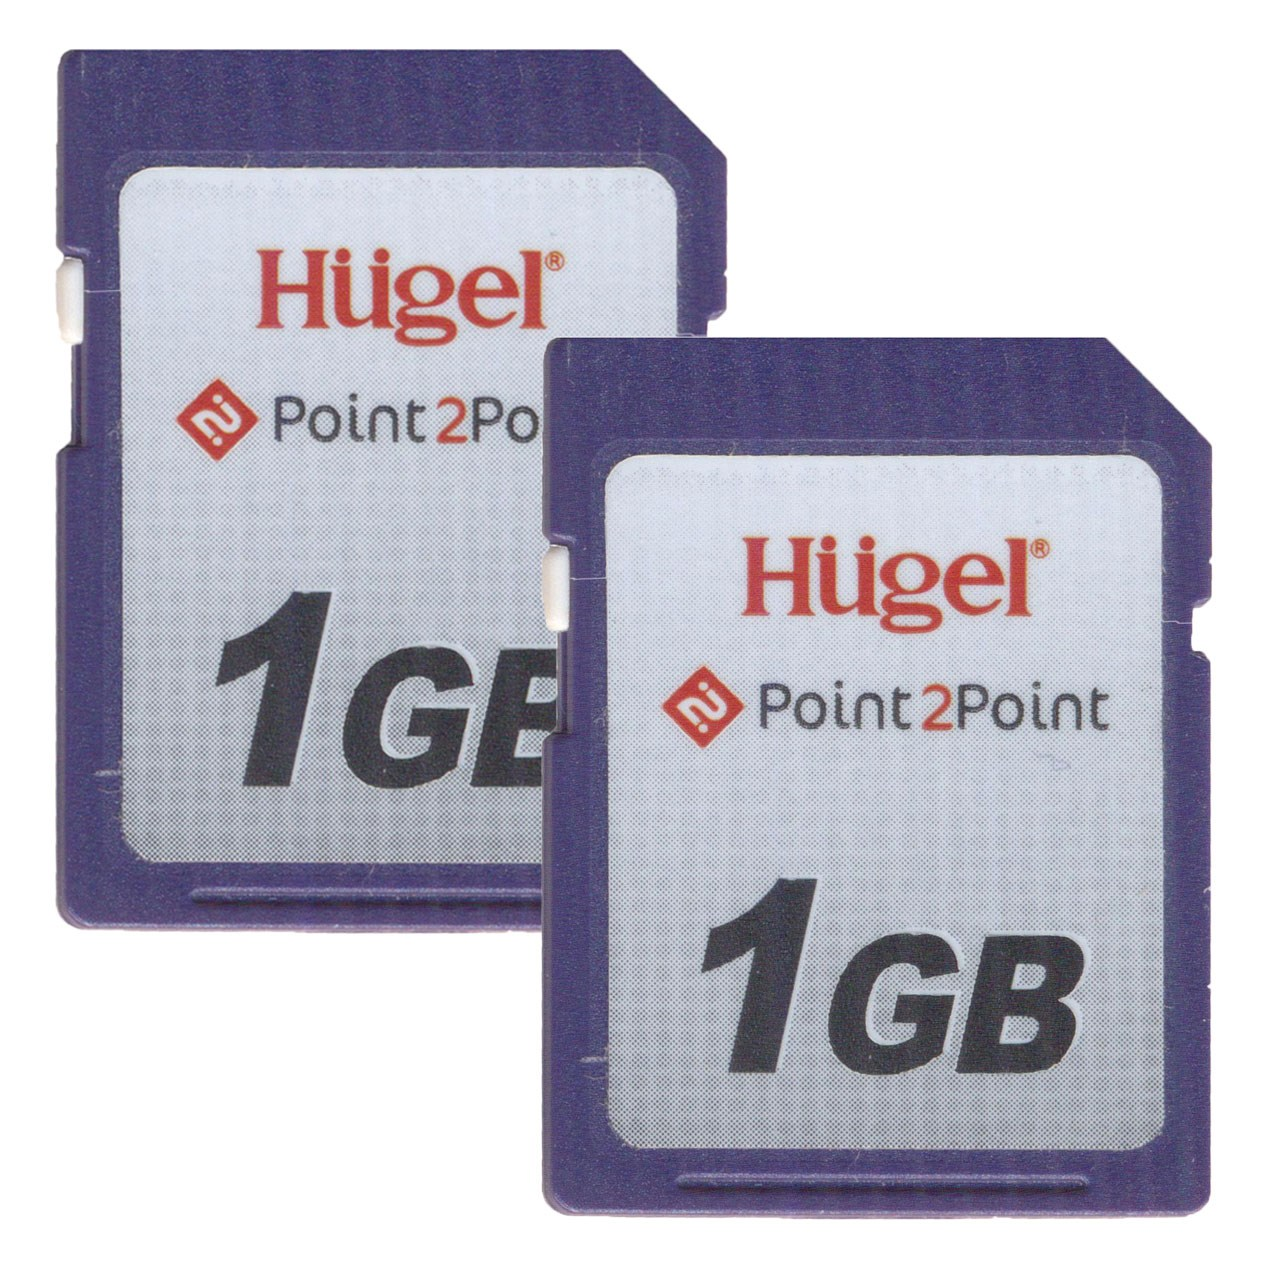 کارت حافظه SD هوگل مدل Point 2 Point 1 G کلاس 10 استاندارد UHS-I U3 سرعت 100MBps ظرفیت 1 گیگابایت بسته 2 عددی